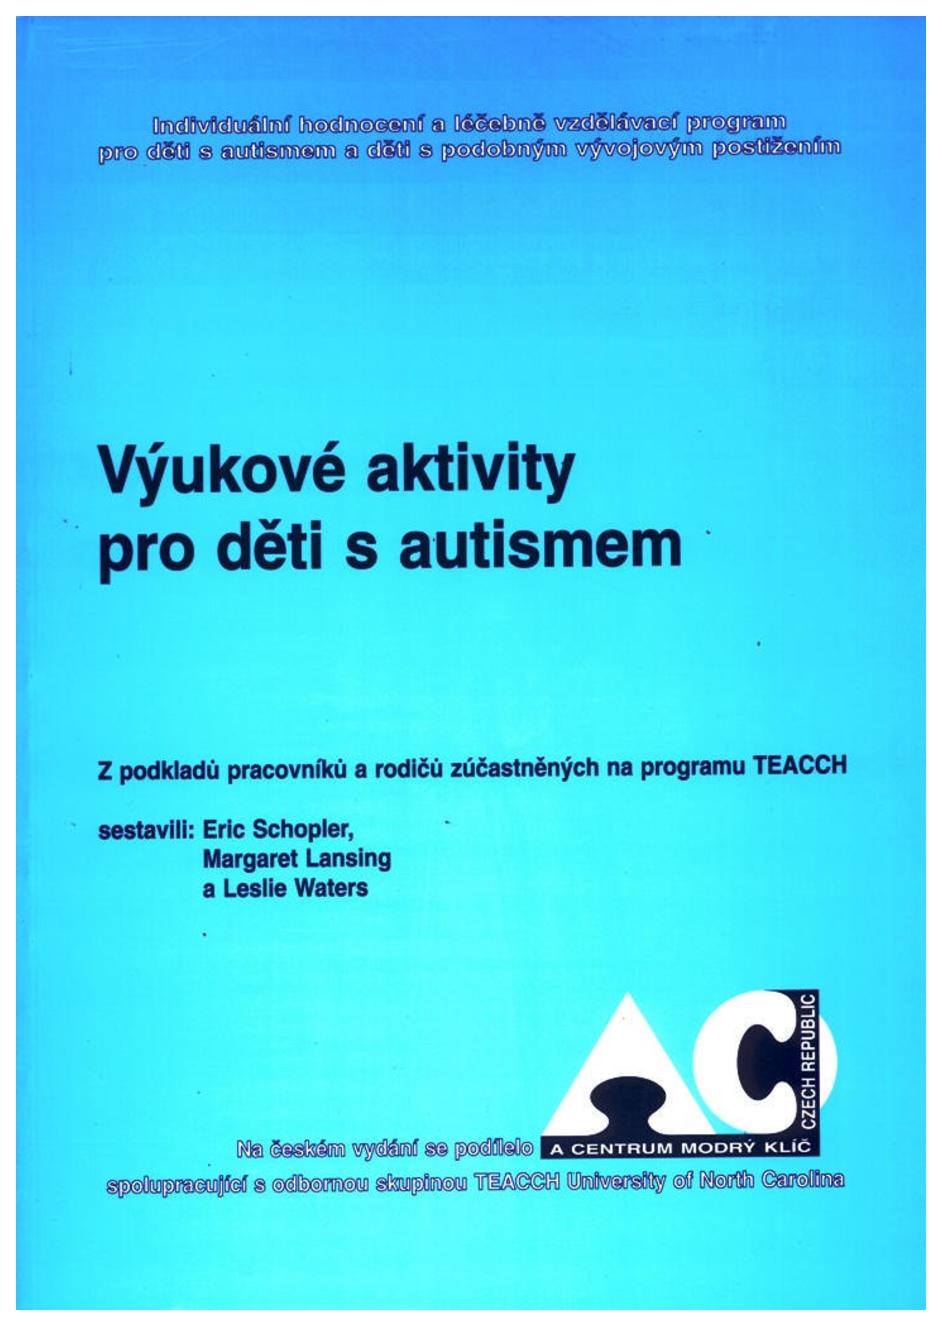 Výukové aktivity pro děti s autismem